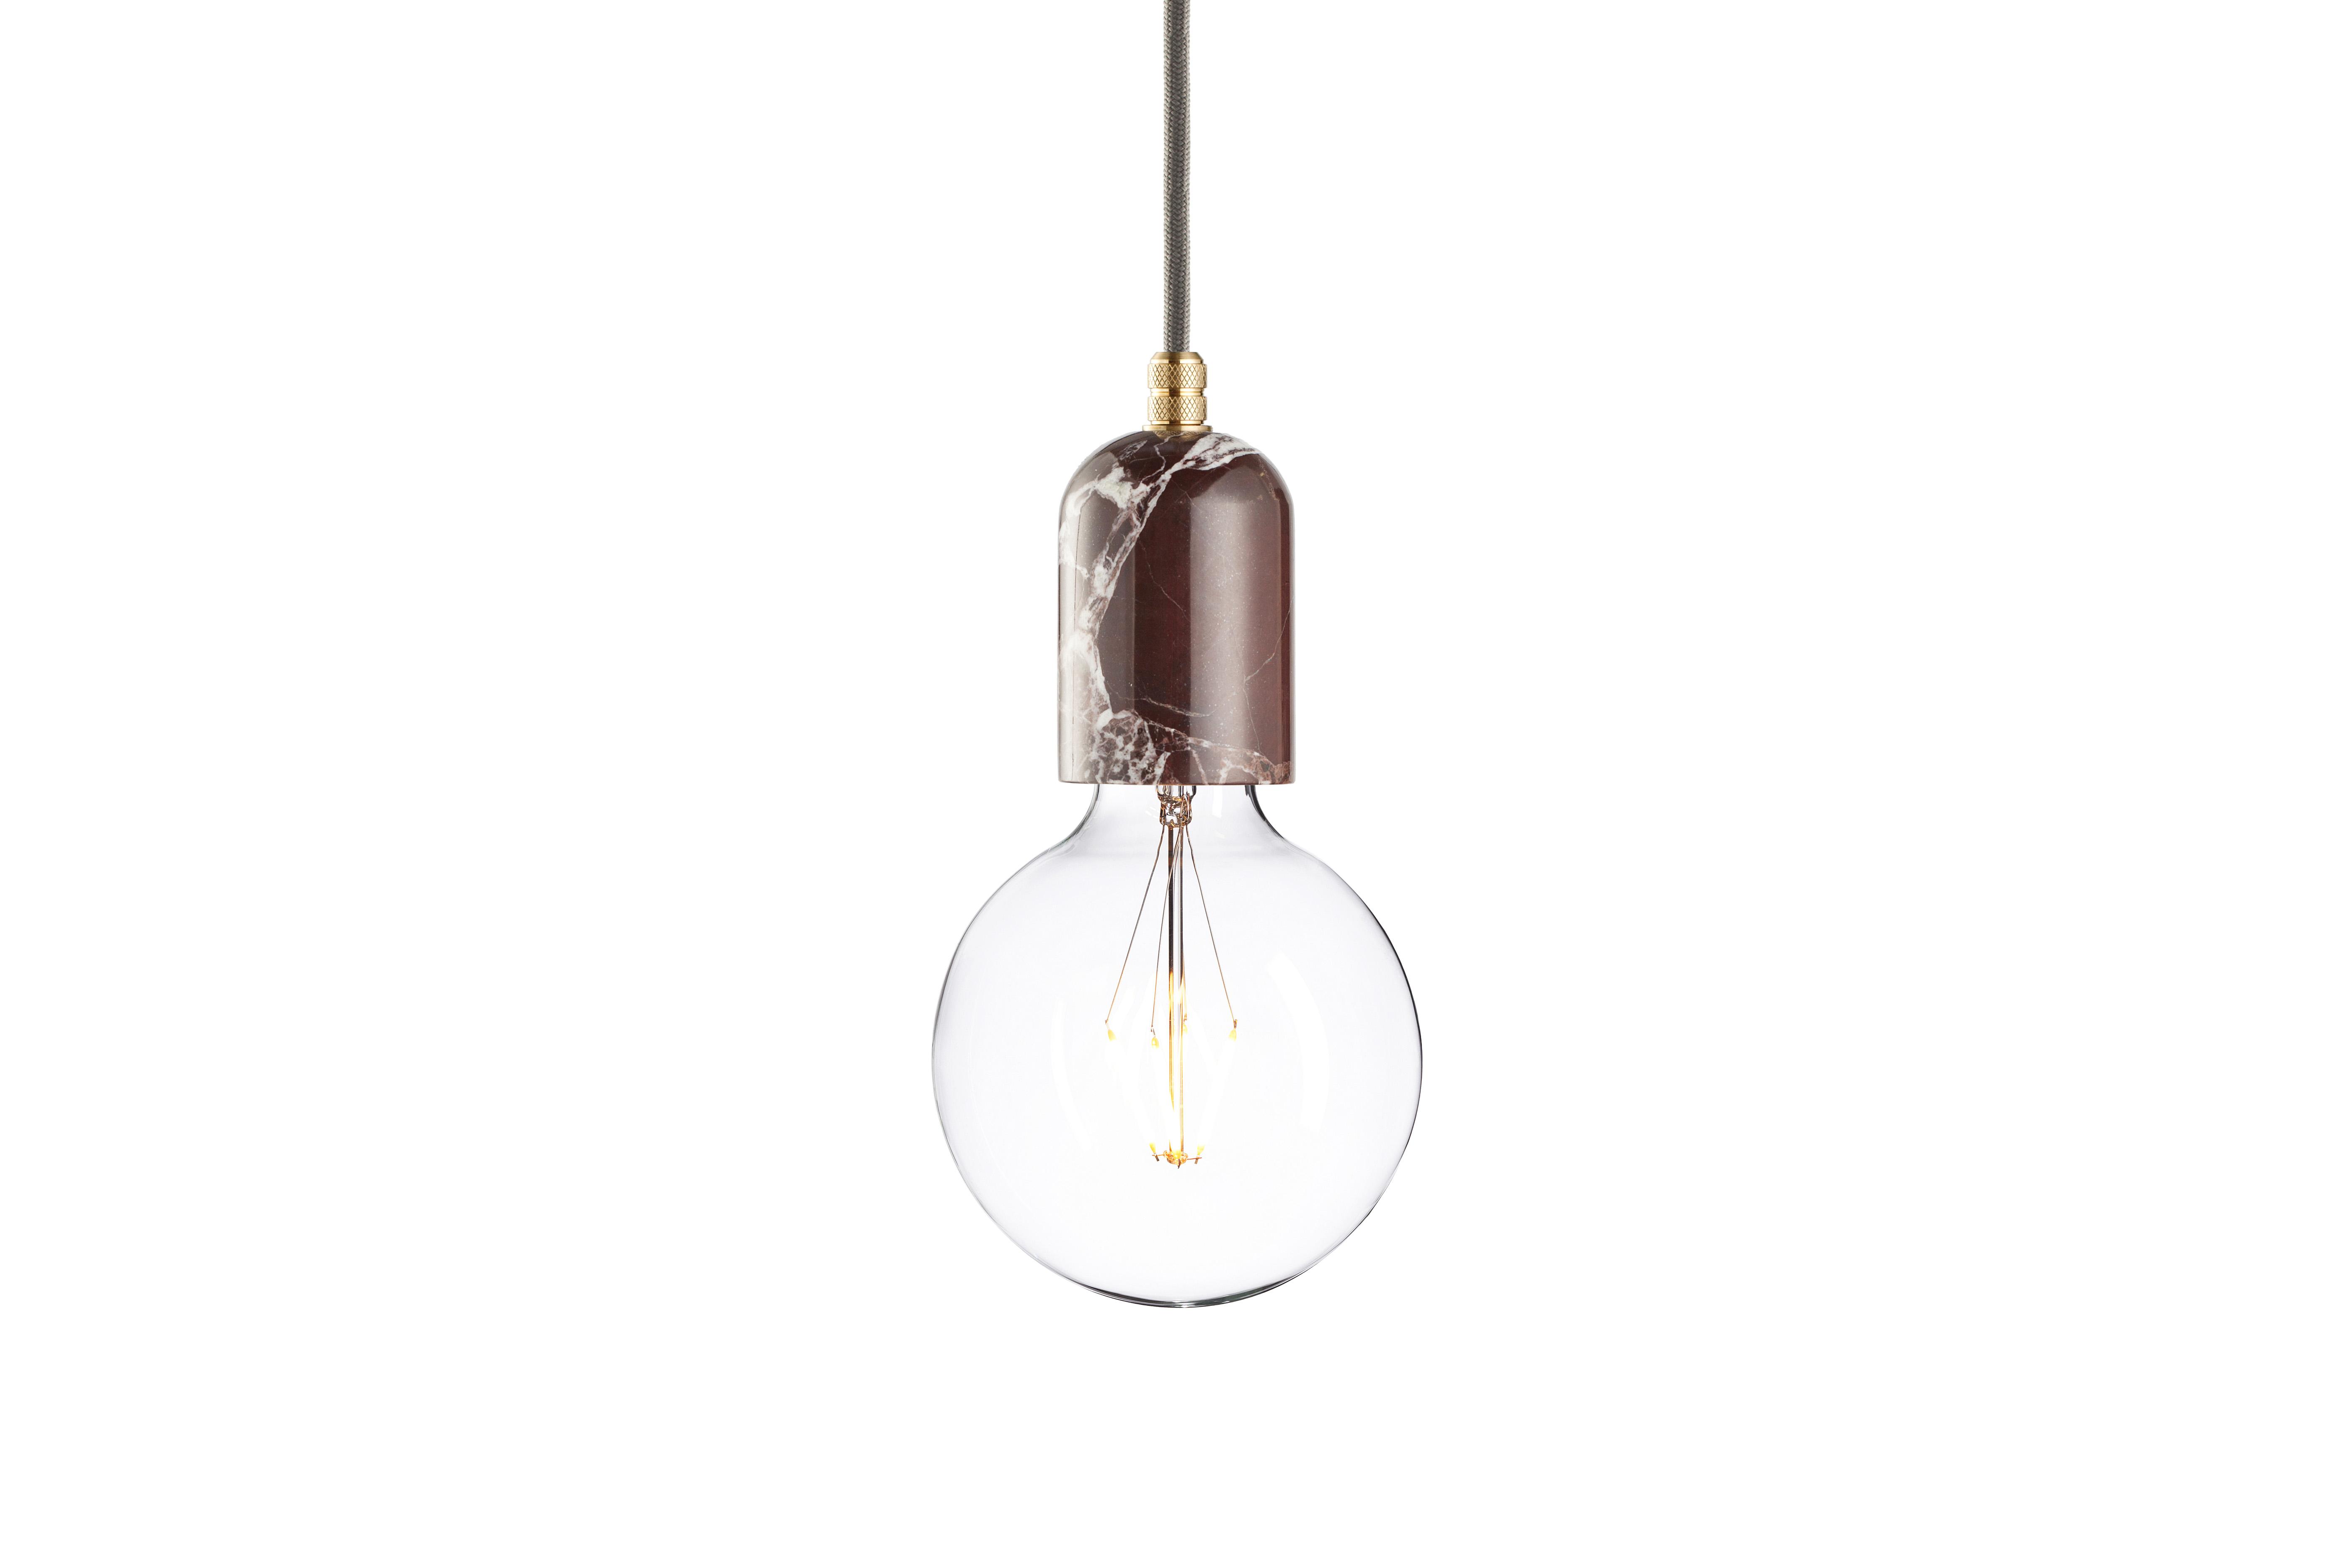 Подвесной светильник Marmor Bj?rtПодвесные светильники<br>Любите роскошь, но не приемлете помпезности в оформлении интерьера? Подвесной светильник сможет удовлетворить ваш притязательный вкус. Лаконичное оформление покорит своей скромной элегантностью. Корпус из настоящего мрамора добавит аскетичному индастриал-декору подлинного шика. Комбинация лоска и минимализма покорит вас с первого взгляда.&amp;lt;div&amp;gt;&amp;lt;br&amp;gt;&amp;lt;/div&amp;gt;&amp;lt;div&amp;gt;Лампочка приобретается отдельно. Цоколь Е27, максимальная мощность лампочки - 60 W, длина шнура - 3 м.&amp;amp;nbsp;&amp;amp;nbsp;&amp;lt;/div&amp;gt;&amp;lt;div&amp;gt;Материал: корпус - мрамор &amp;amp;nbsp;Rosso Levanto, фурнитура - латунь, сталь, патрон - пластик, кабель в оплетке.&amp;amp;nbsp;<br>Под заказ. Срок изготовления 3 недели.&amp;amp;nbsp;&amp;lt;/div&amp;gt;<br><br>Material: Мрамор<br>Ширина см: 6.0<br>Высота см: 10.8<br>Глубина см: 6.0